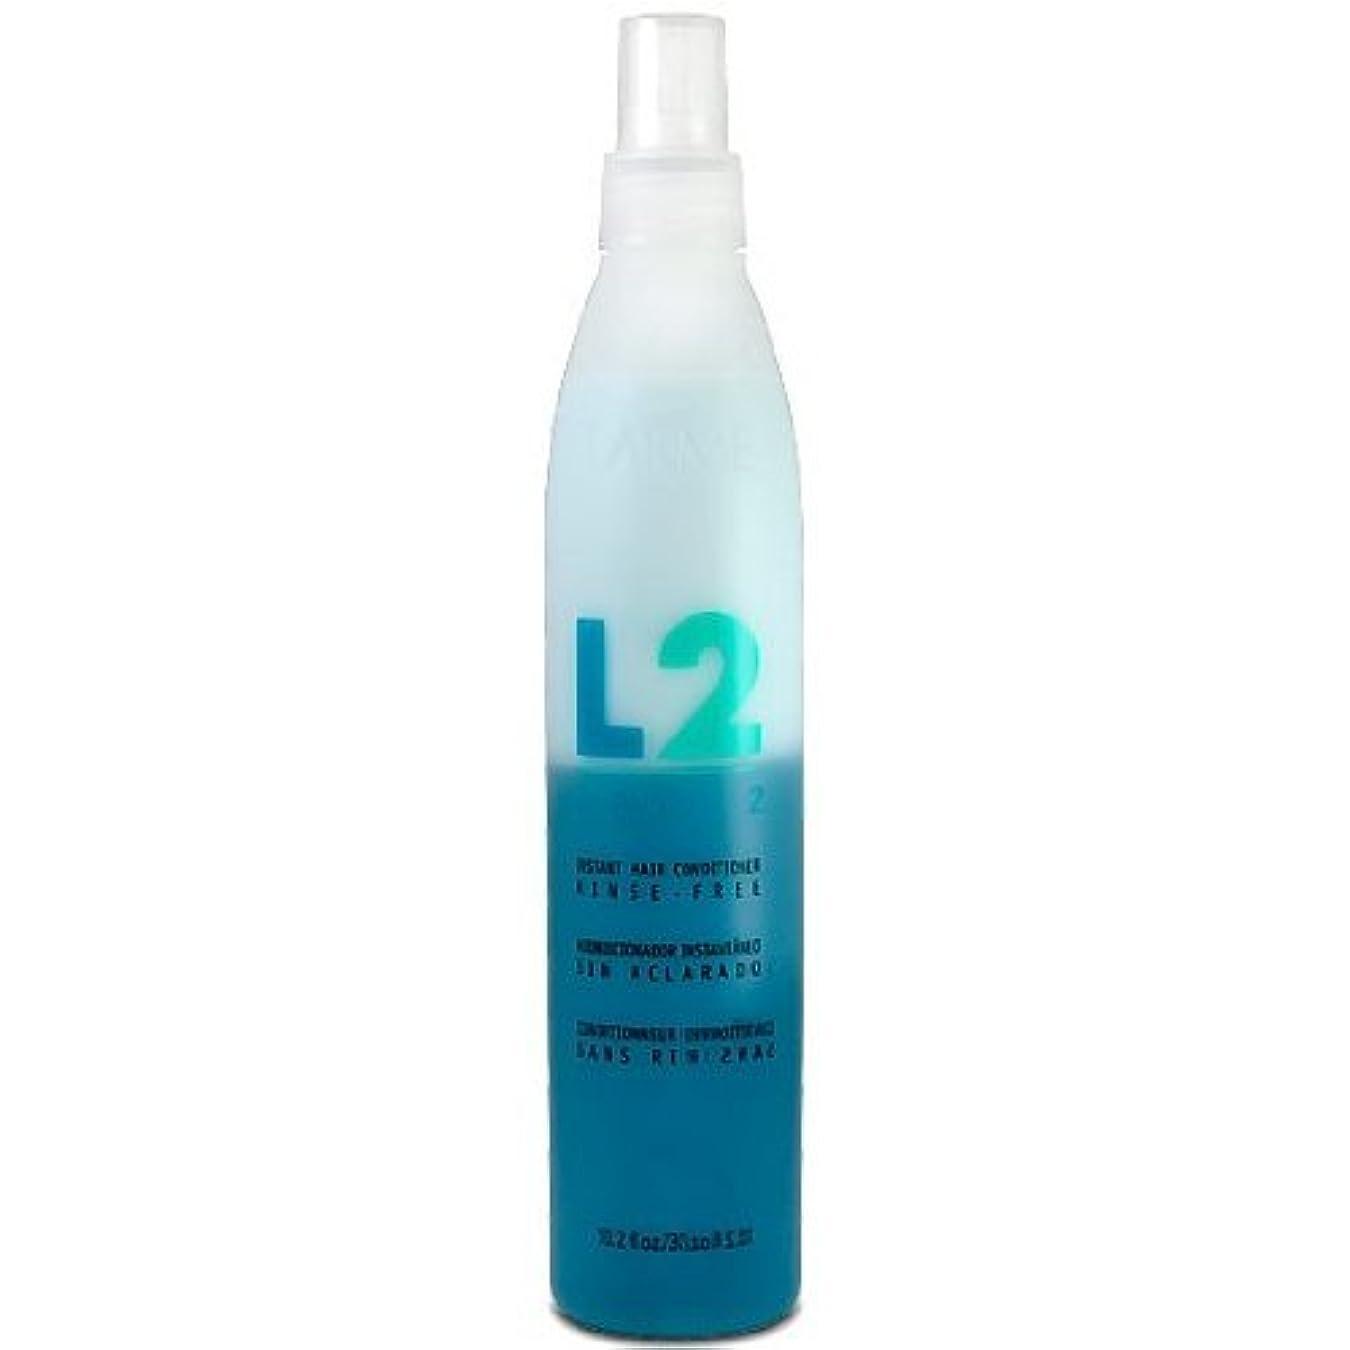 文化本部アルカイックLakme Lak 2 Instant Hair Conditioner 10.2 Oz [並行輸入品]